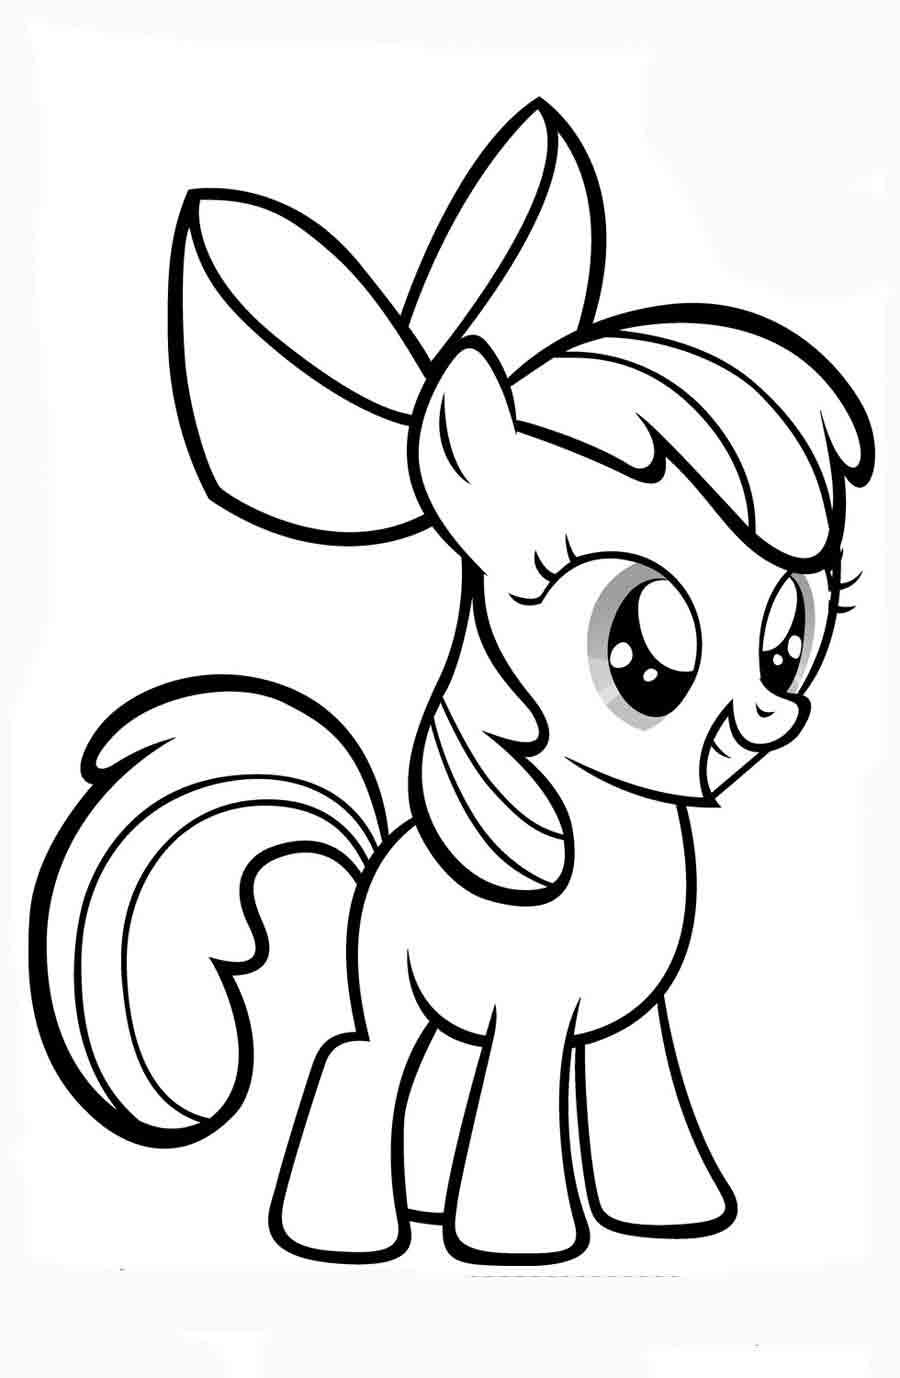 Красивые картинки для срисовки карандашом лошади или пони 23